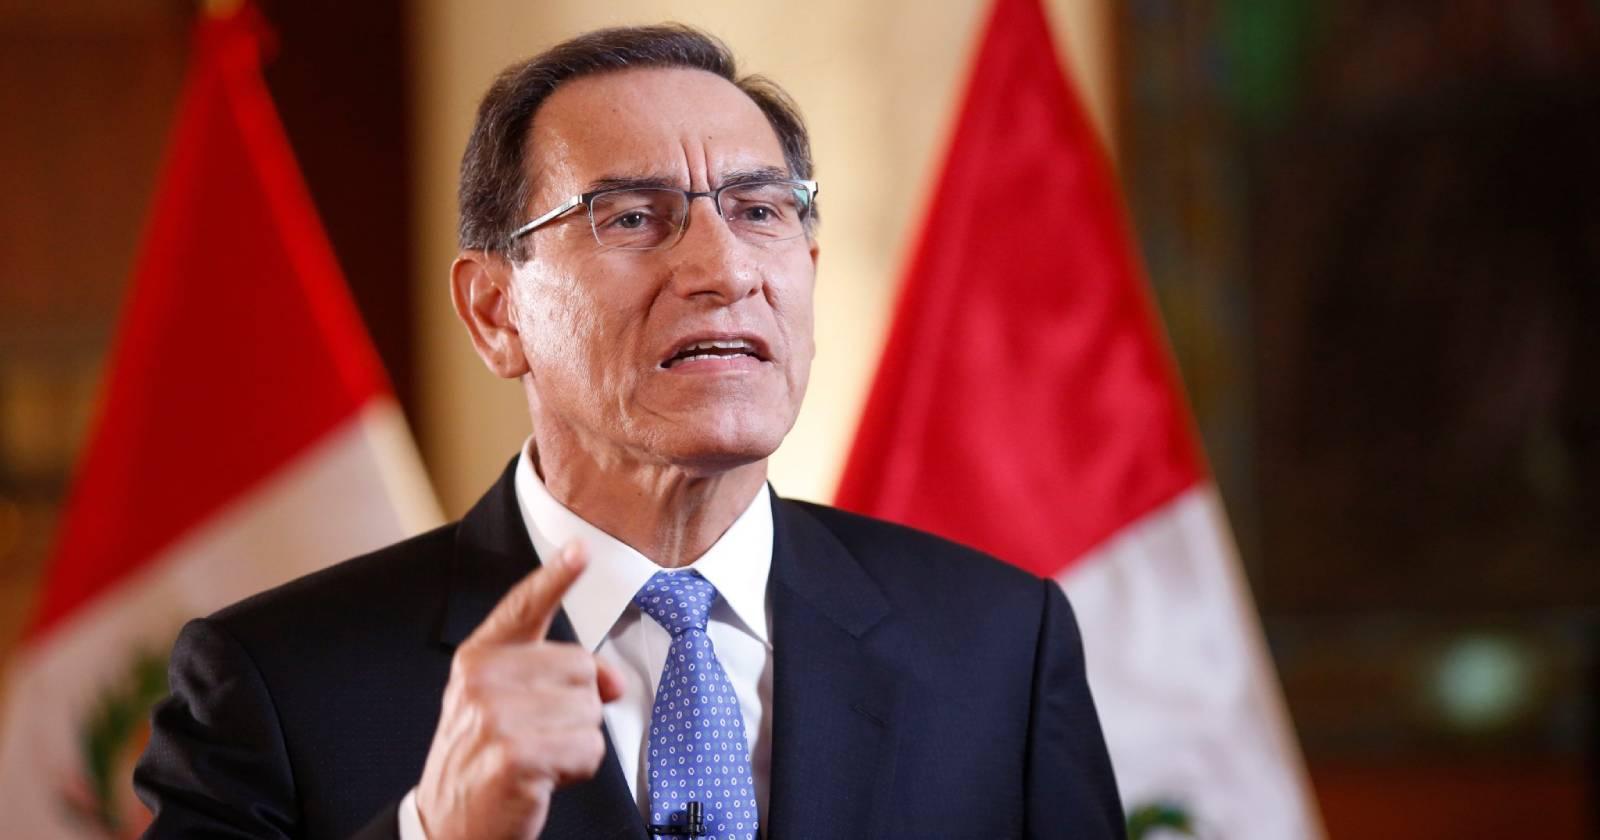 Perú: Vizcarra convoca a elecciones generales para abril de 2021